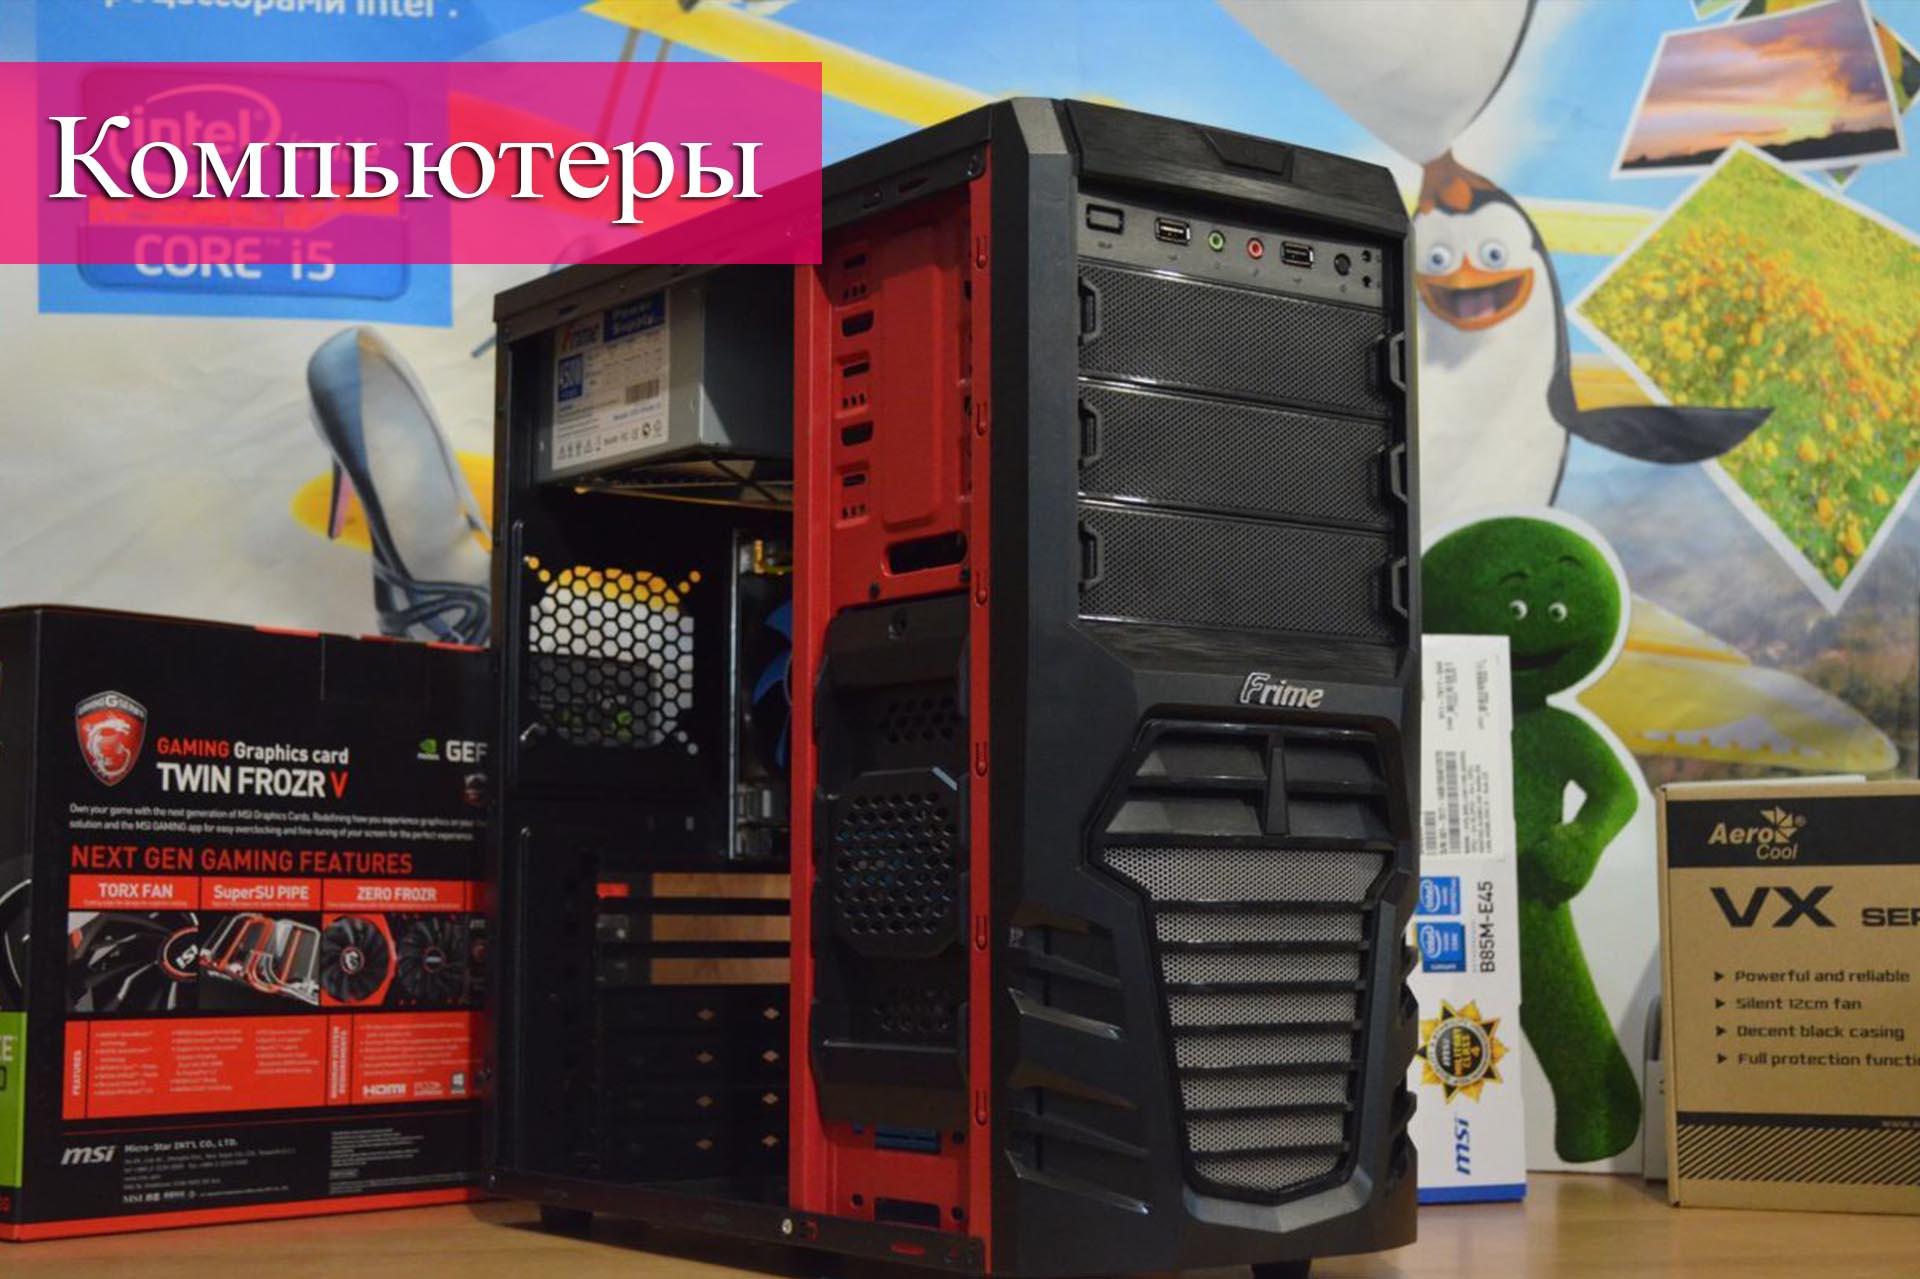 компьютеры бу купить в Шымкенте по отличной цене